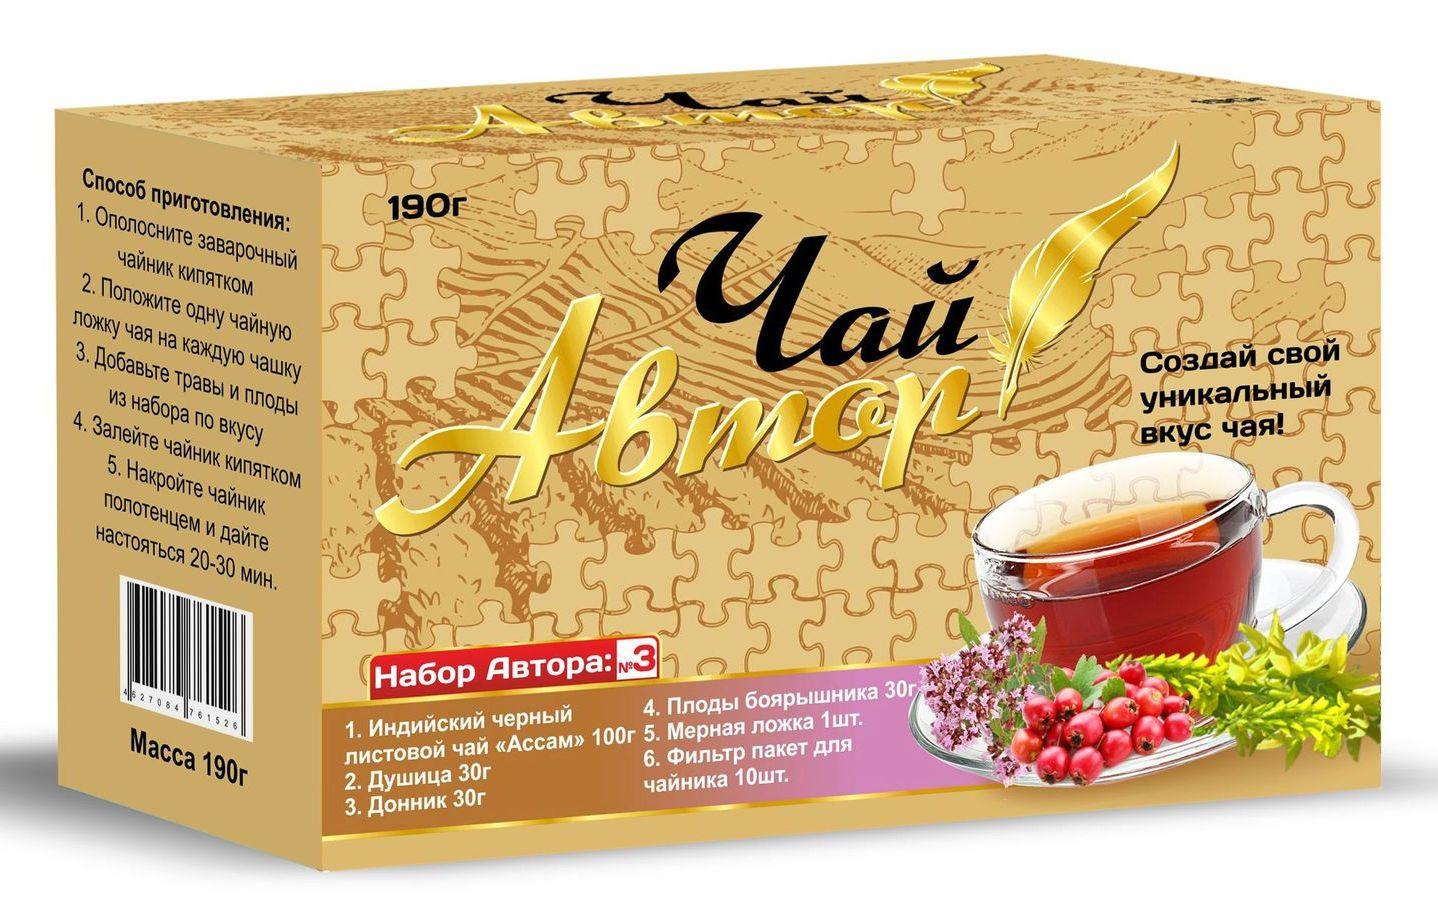 Чай листовой Good Tea Автор набор №3, 190 г + 10 фильтр-пакетов и мерная ложка чай листовой good tea автор набор 4 190 г 10 фильтр пакетов и мерная ложка